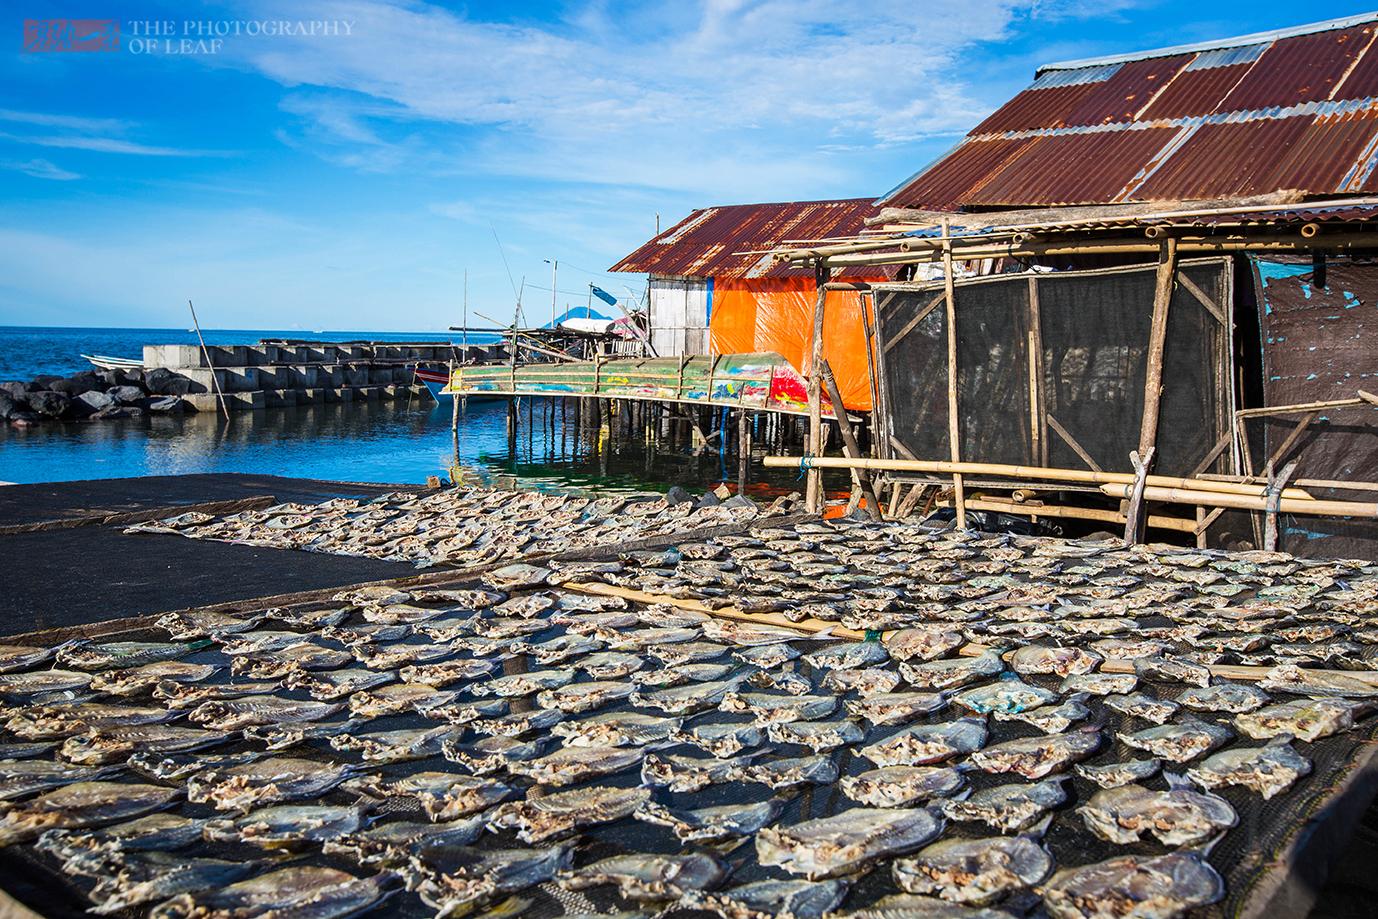 印尼农民一天收入50元,能养活一家人,运气好捕到这个鱼一夜暴富